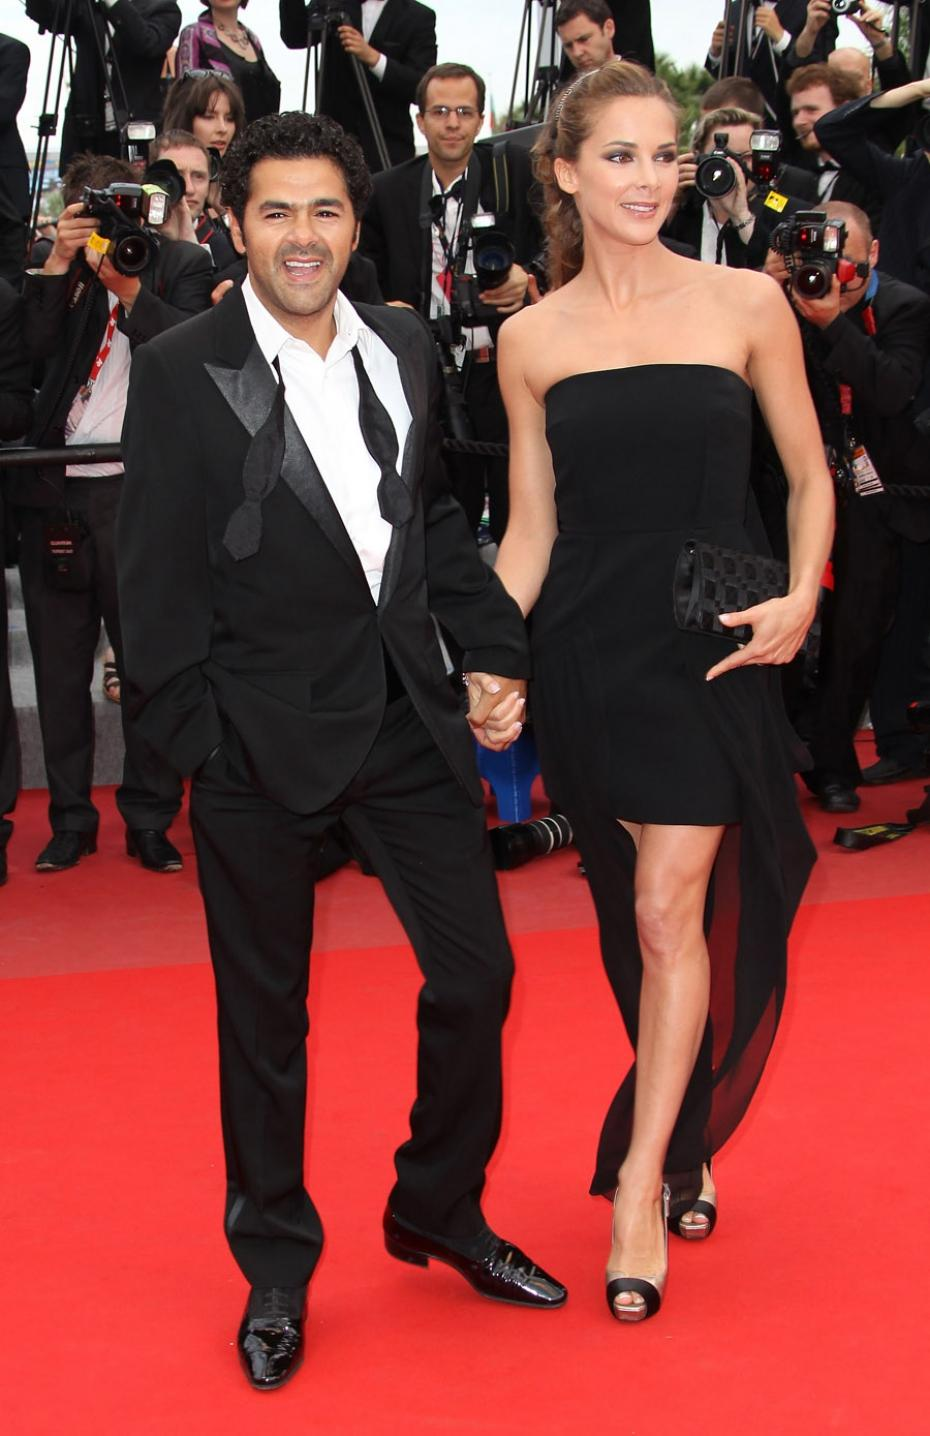 2008年,特里奧與法國知名喜劇演員賈梅·德布茲結婚,在當時引起了熱議;之後兩人共同孕育了一對兒女,現在一家四口幸福滿滿....☆